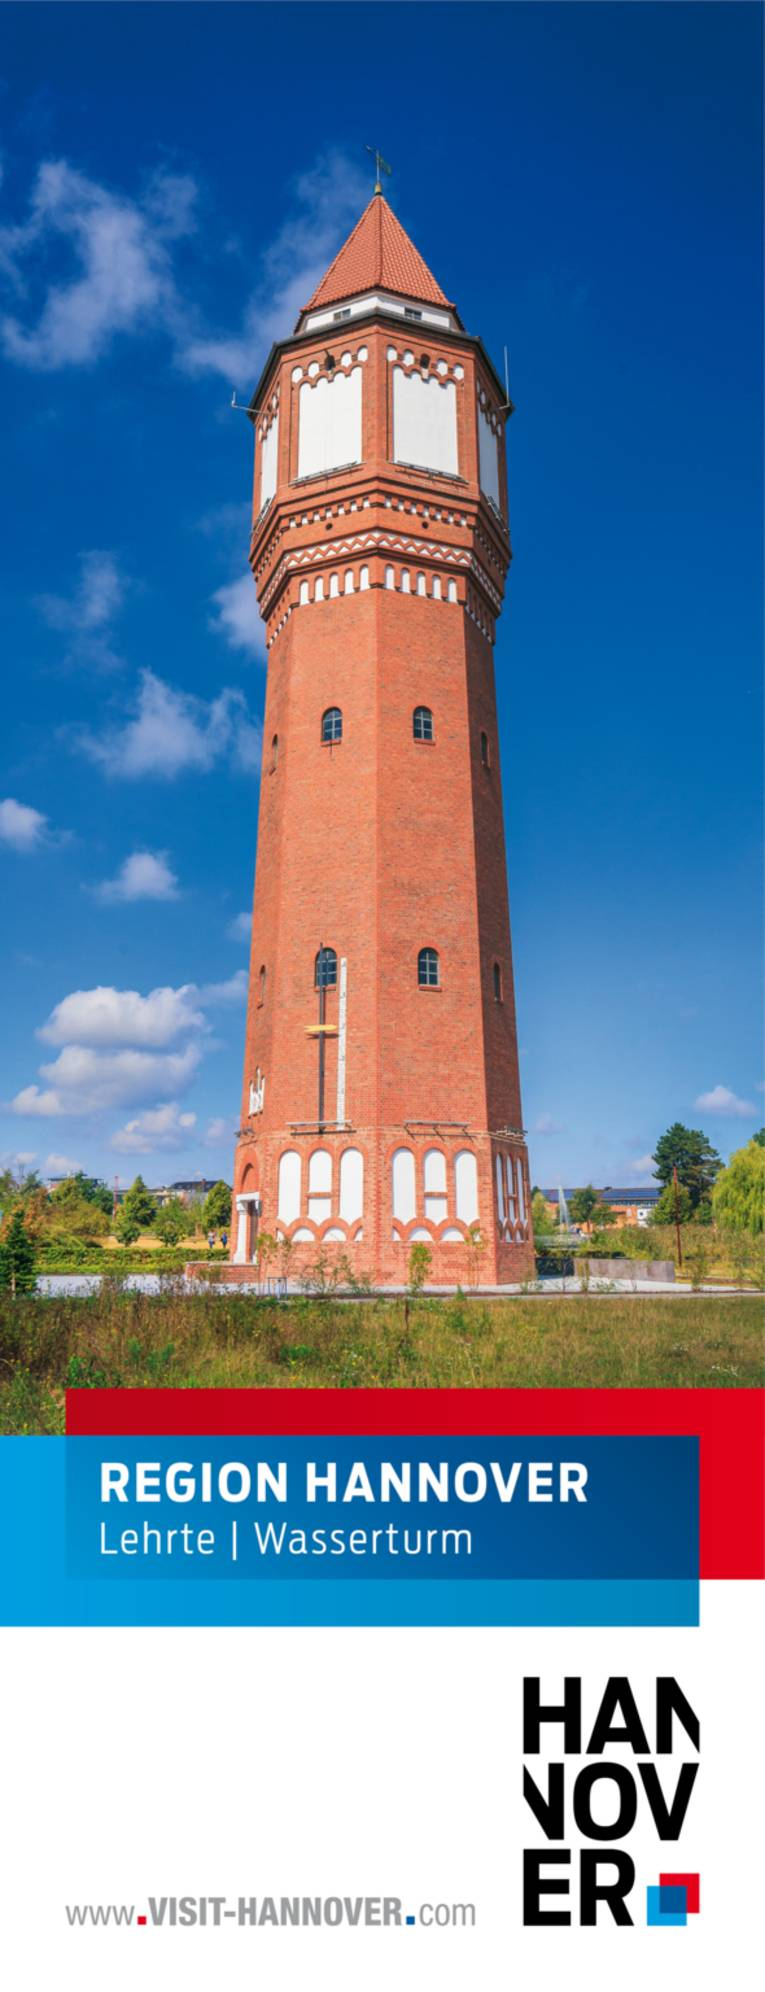 Lehrte präsentiert sich mit einem Motiv des Wasserturms.